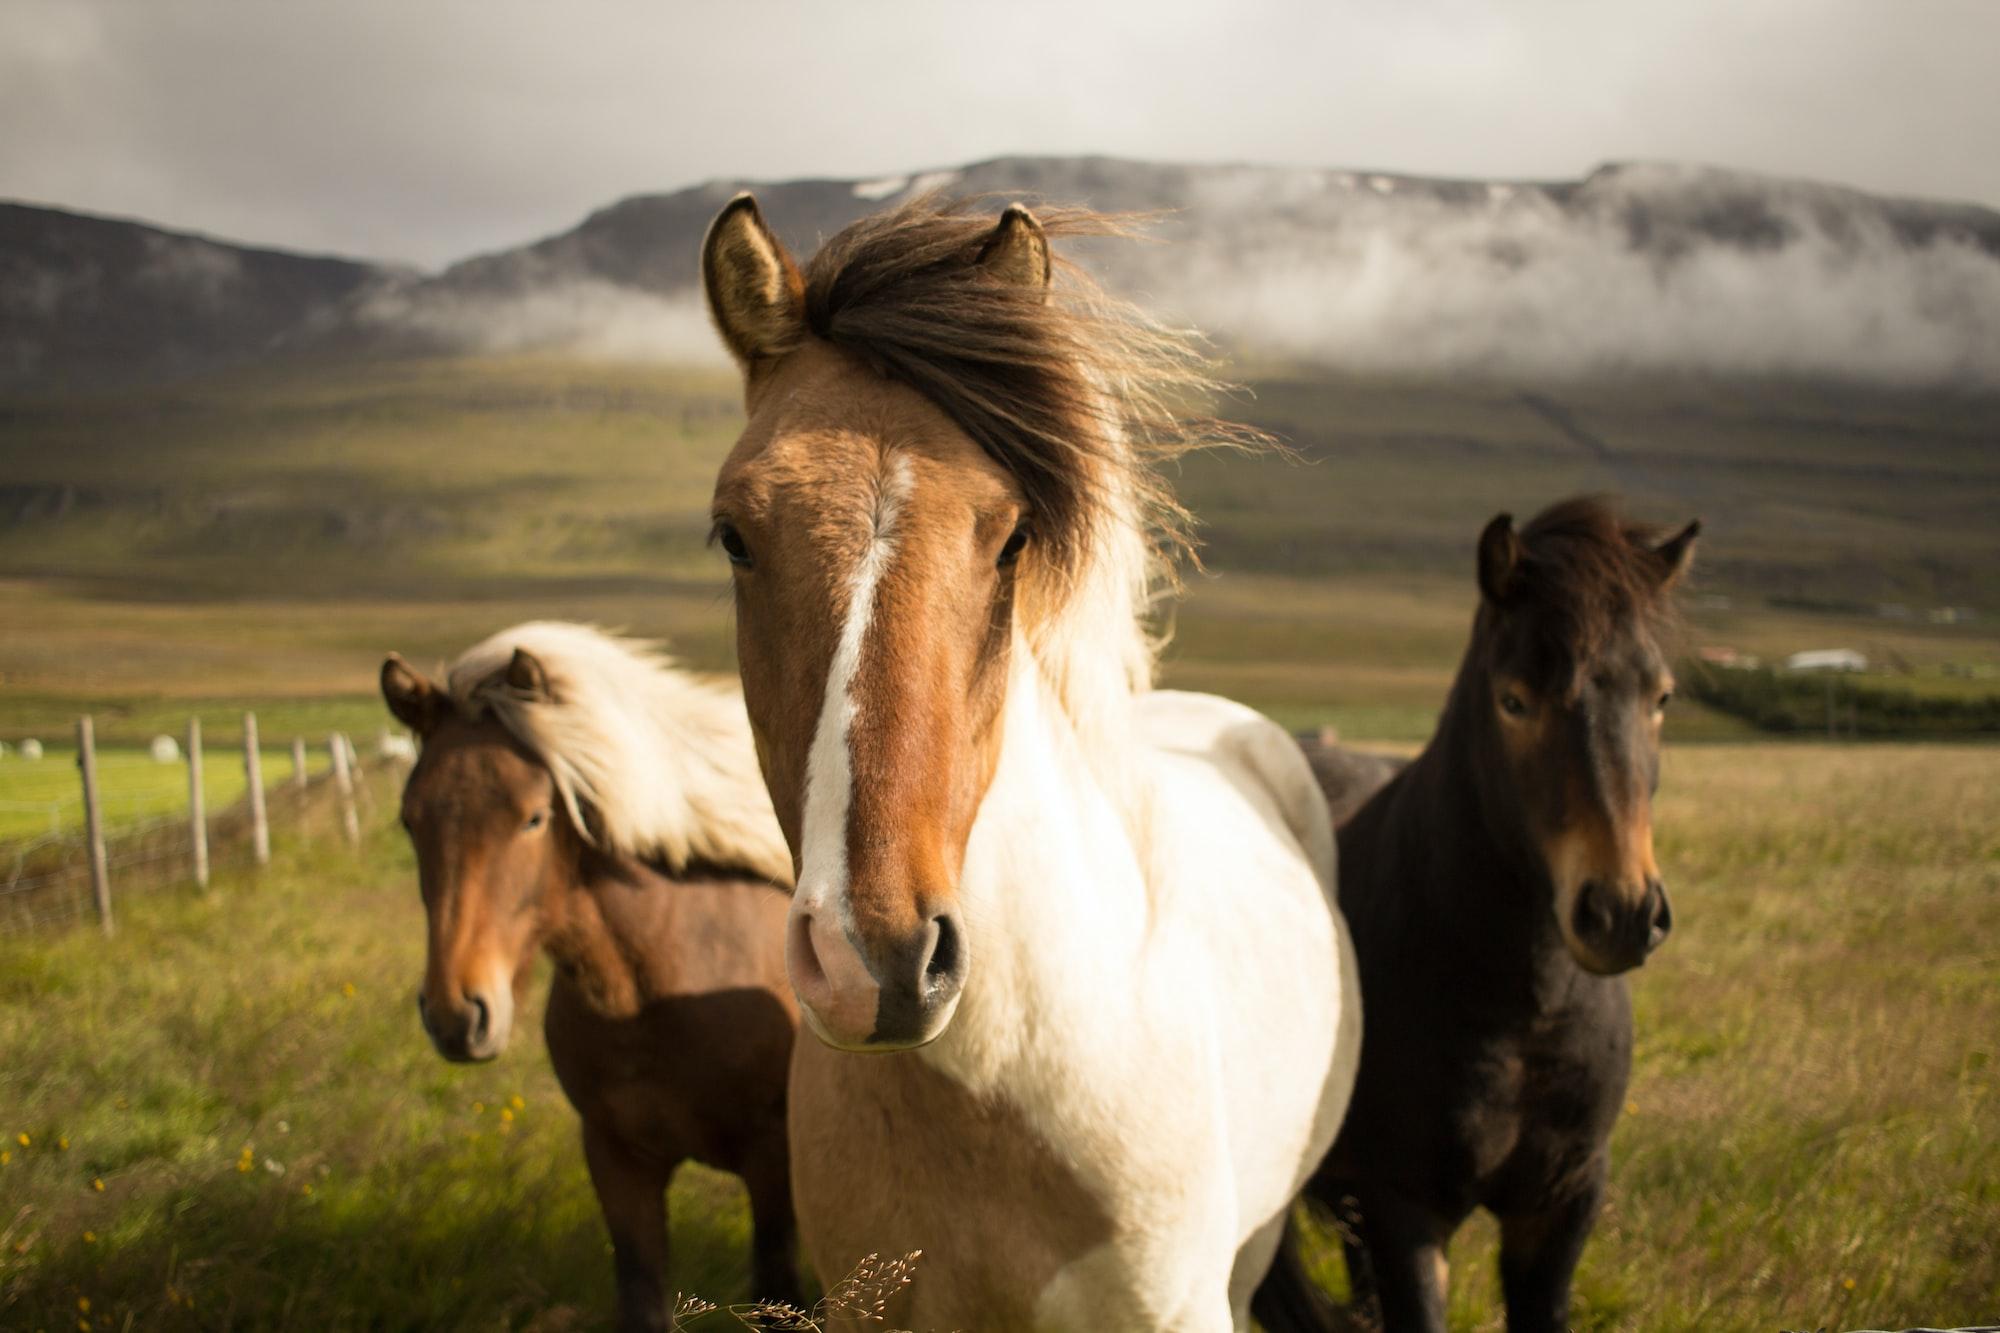 Daha Çok Hayvan Postundan Yapılan Bir Başlık Türü Bulmaca Anlamı Nedir?